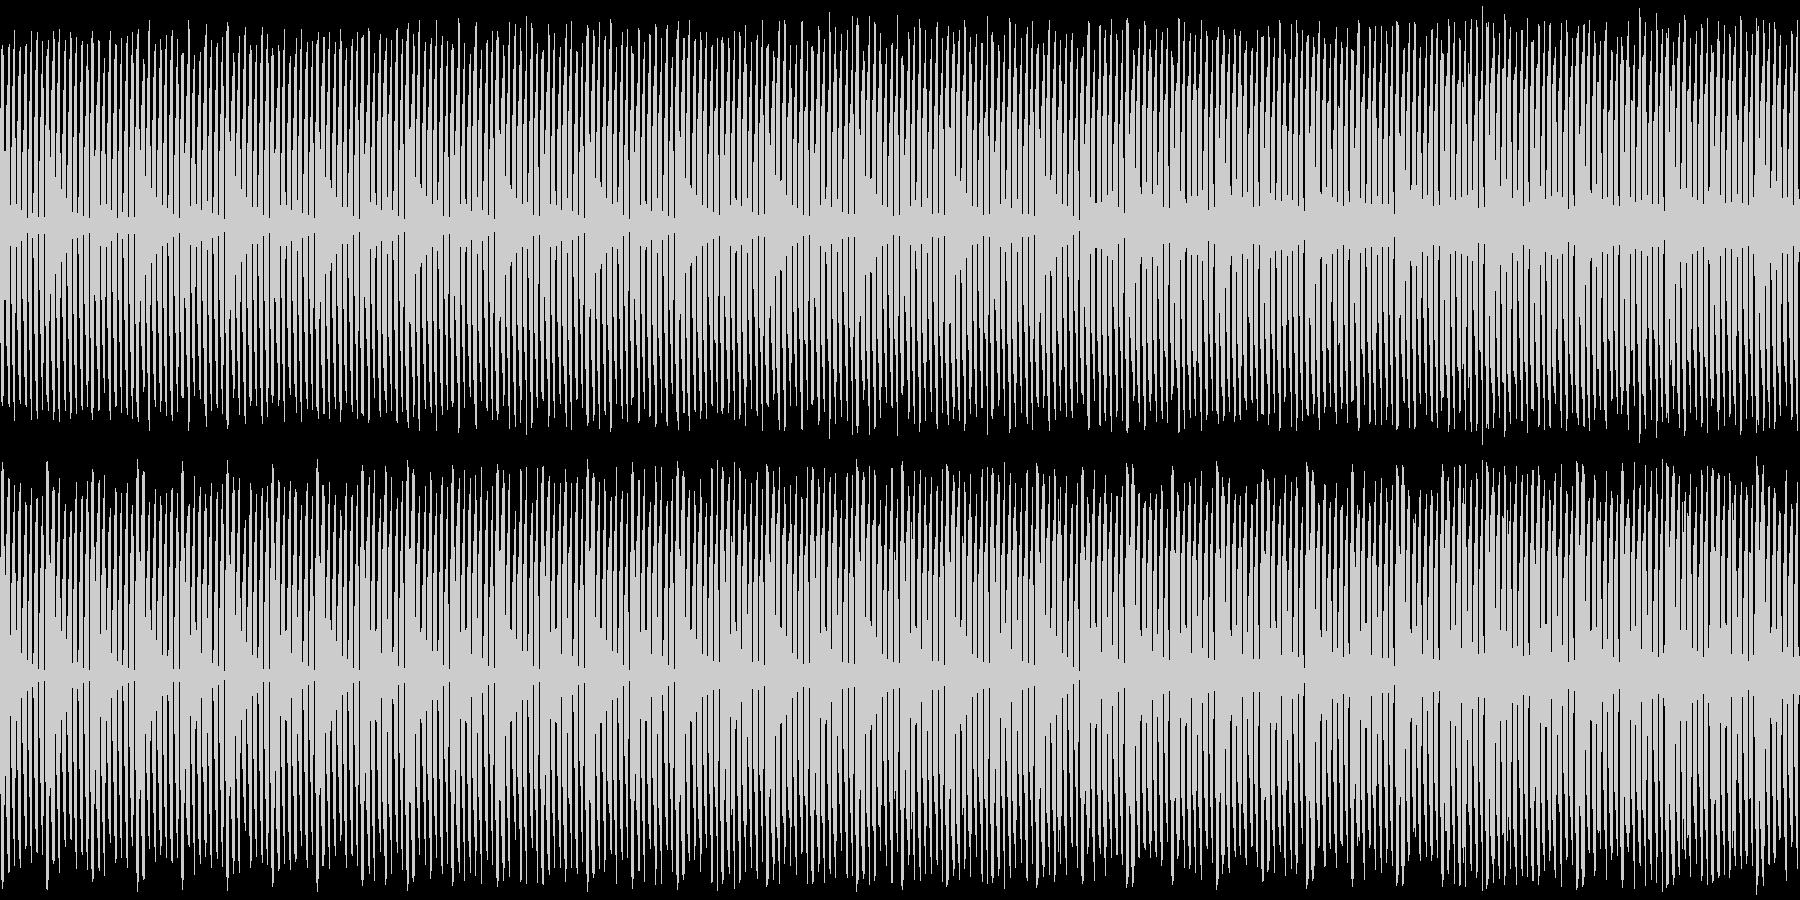 少し雨の降る夜のような緩やかなBGMの未再生の波形